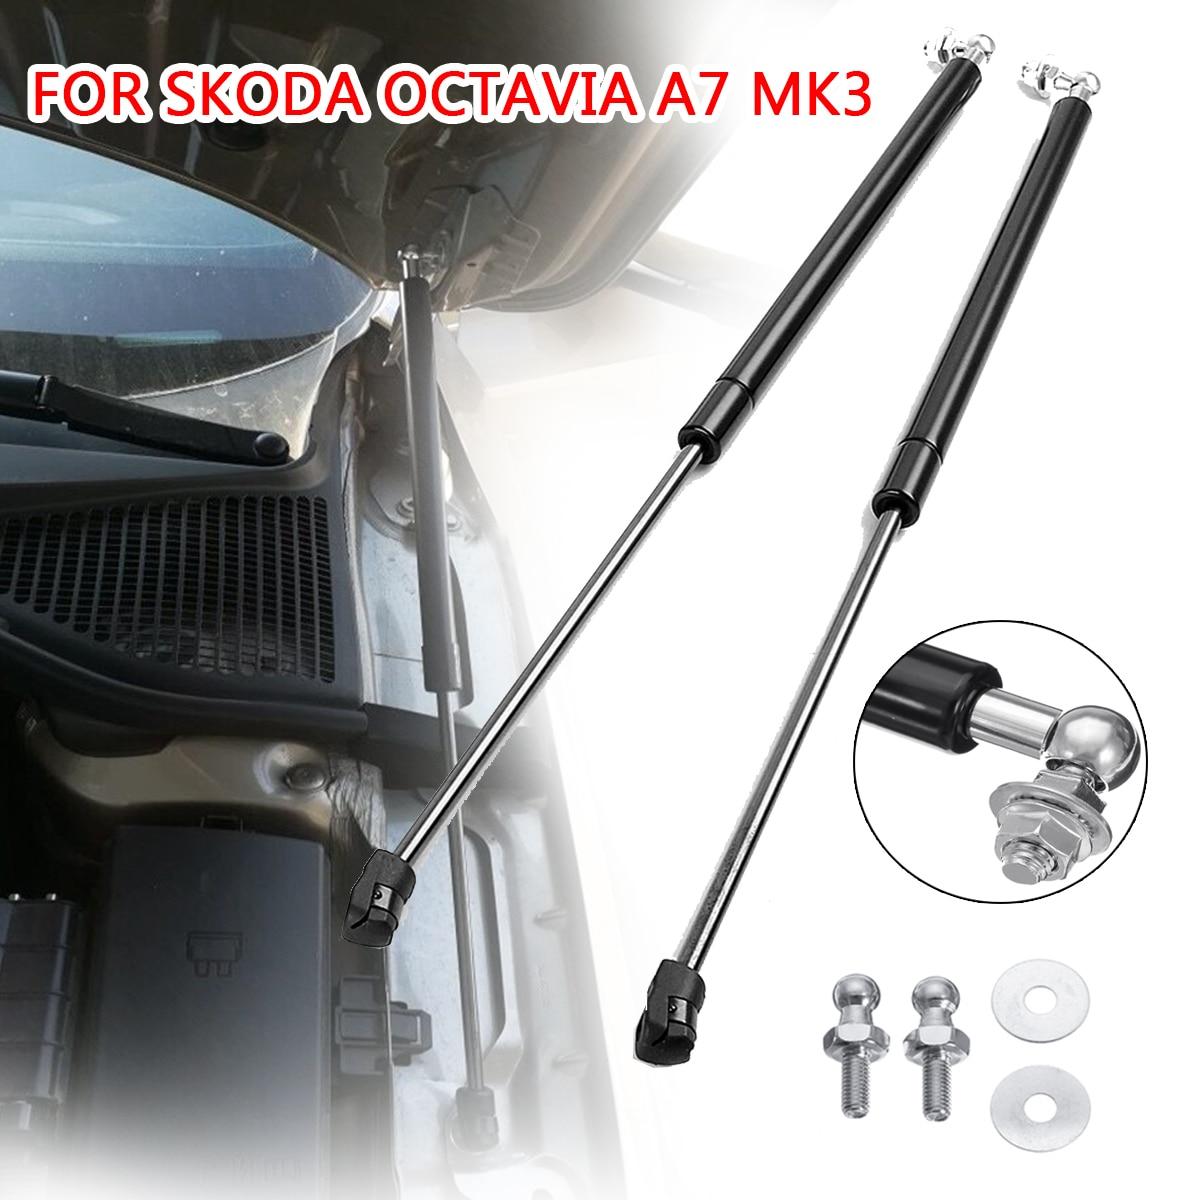 2 adet araba gaz Hood şok dikme amortisör kaldırma desteği Skoda Octavia için A7 MK3 paslanmaz çelik hidrolik çubuk araba aksesuarları